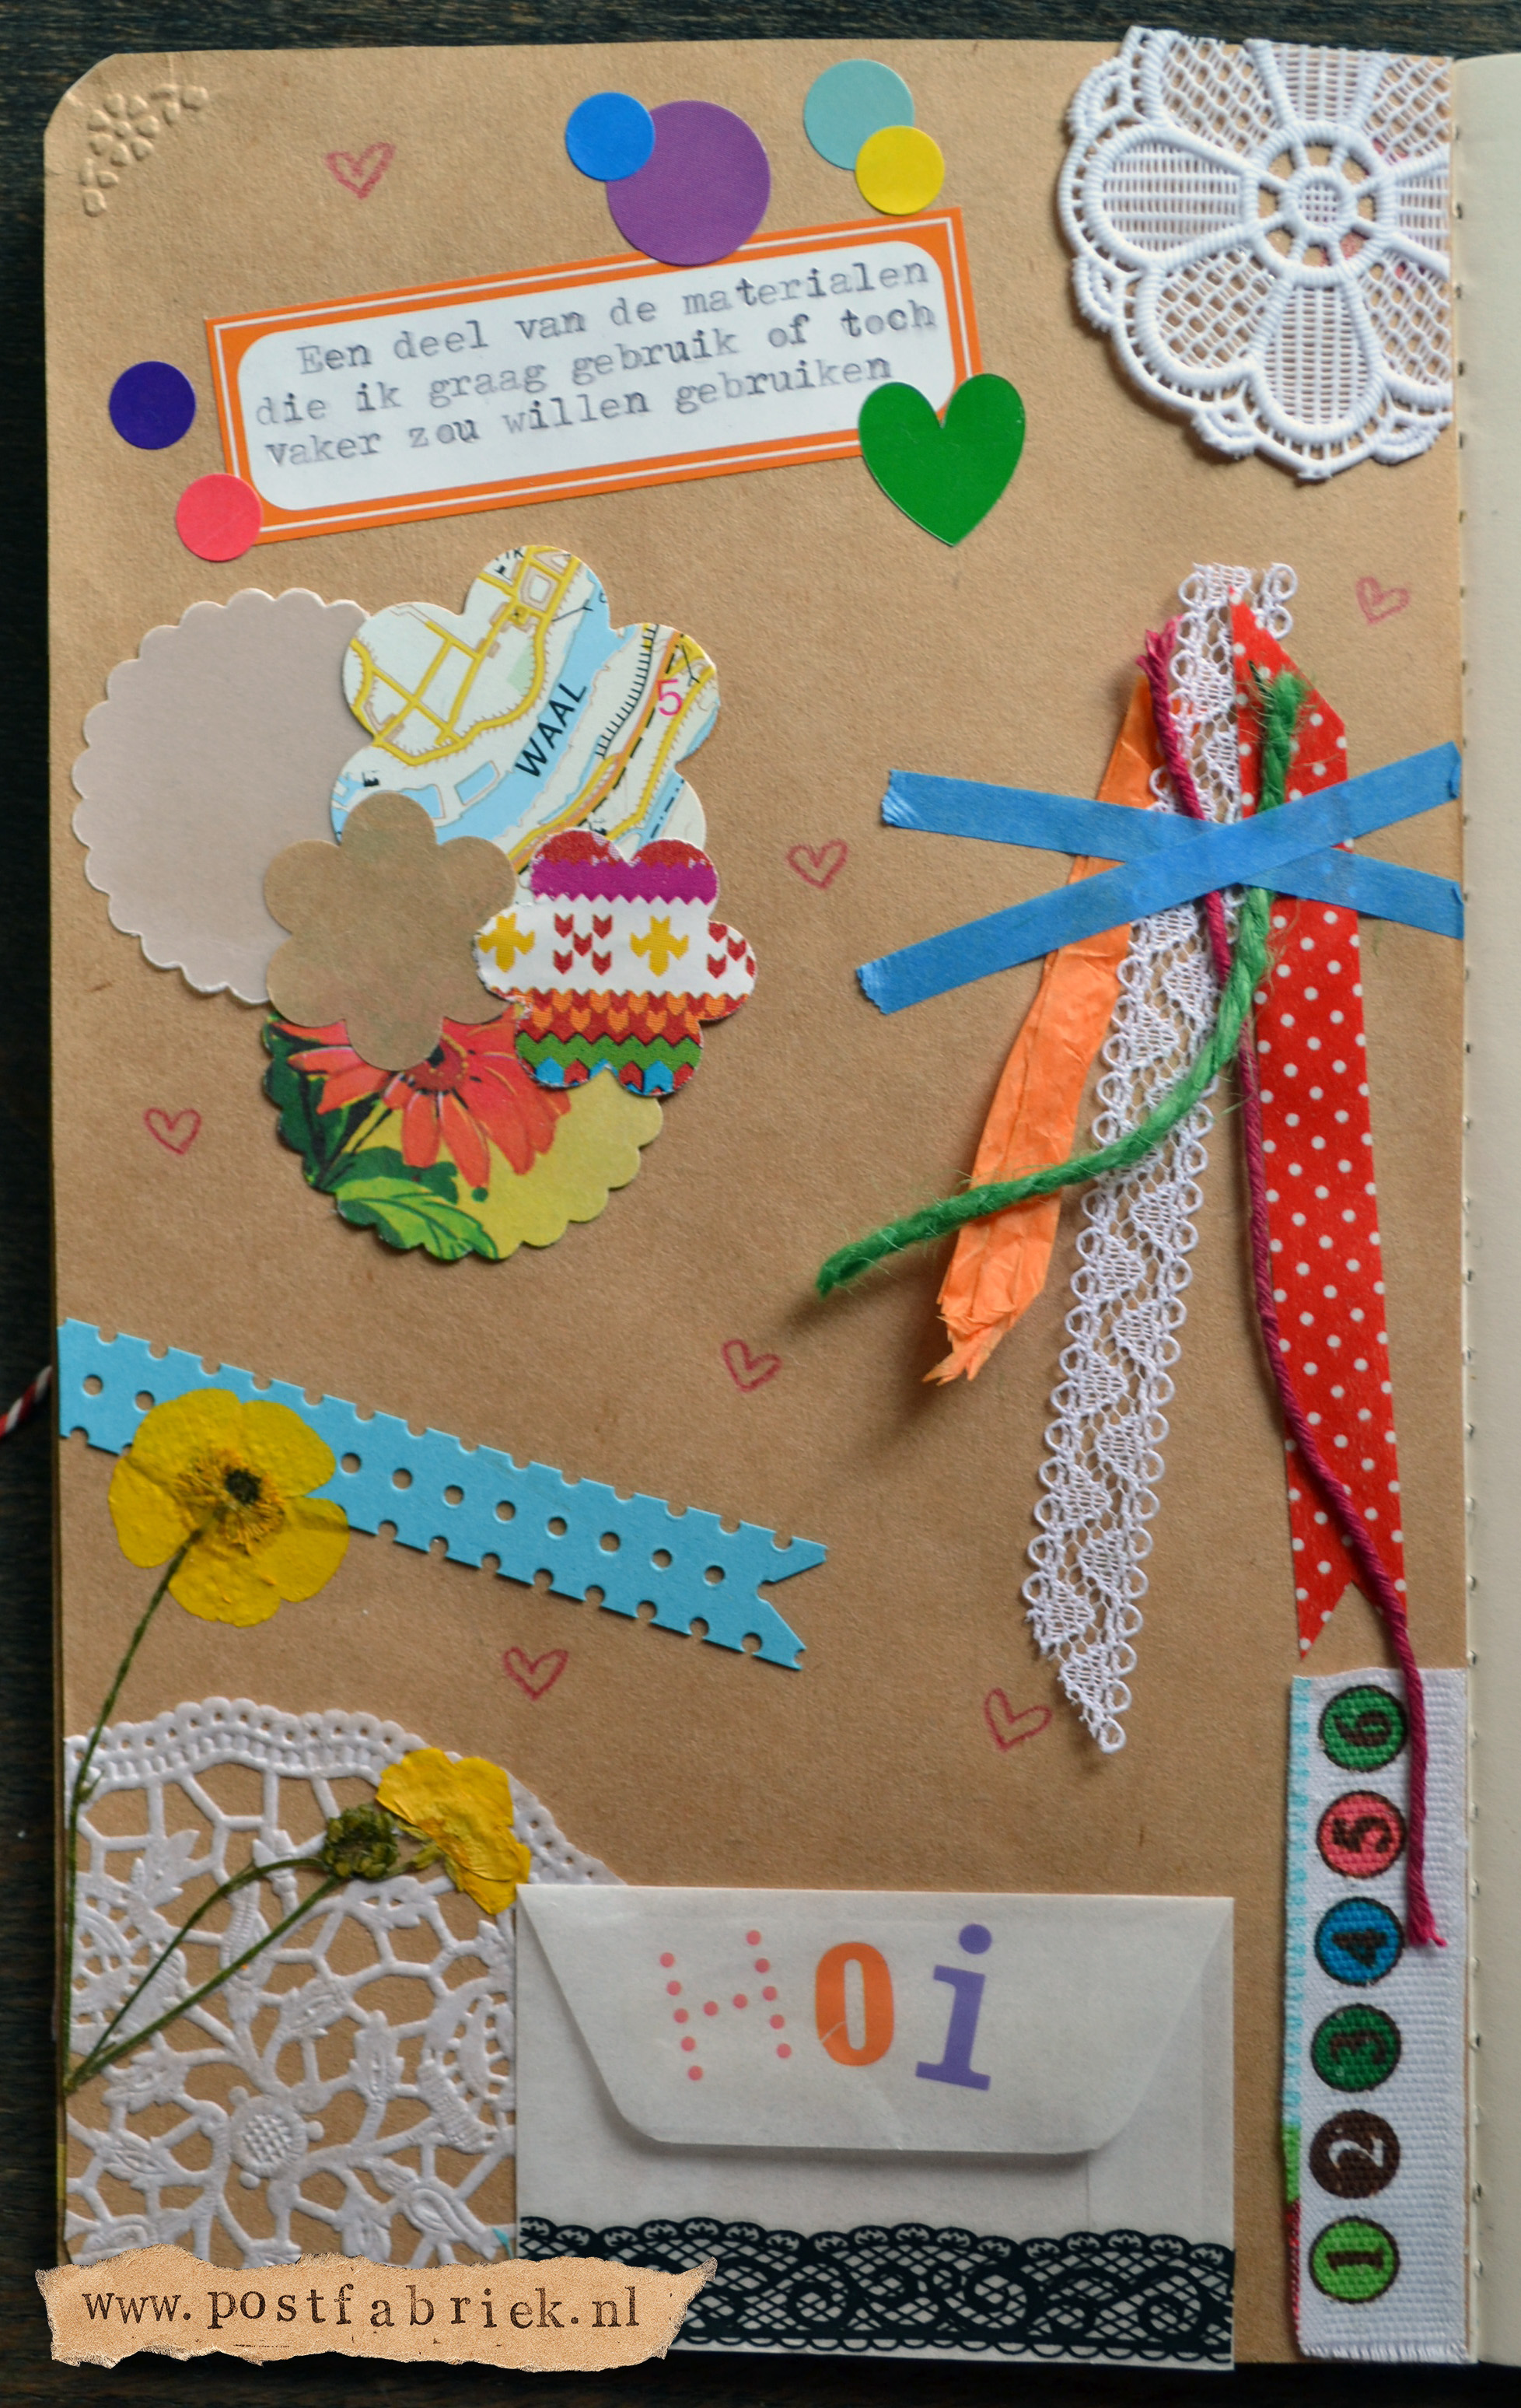 Ruchama laat in haar boekje zien welke materialen ze mooi vindt.